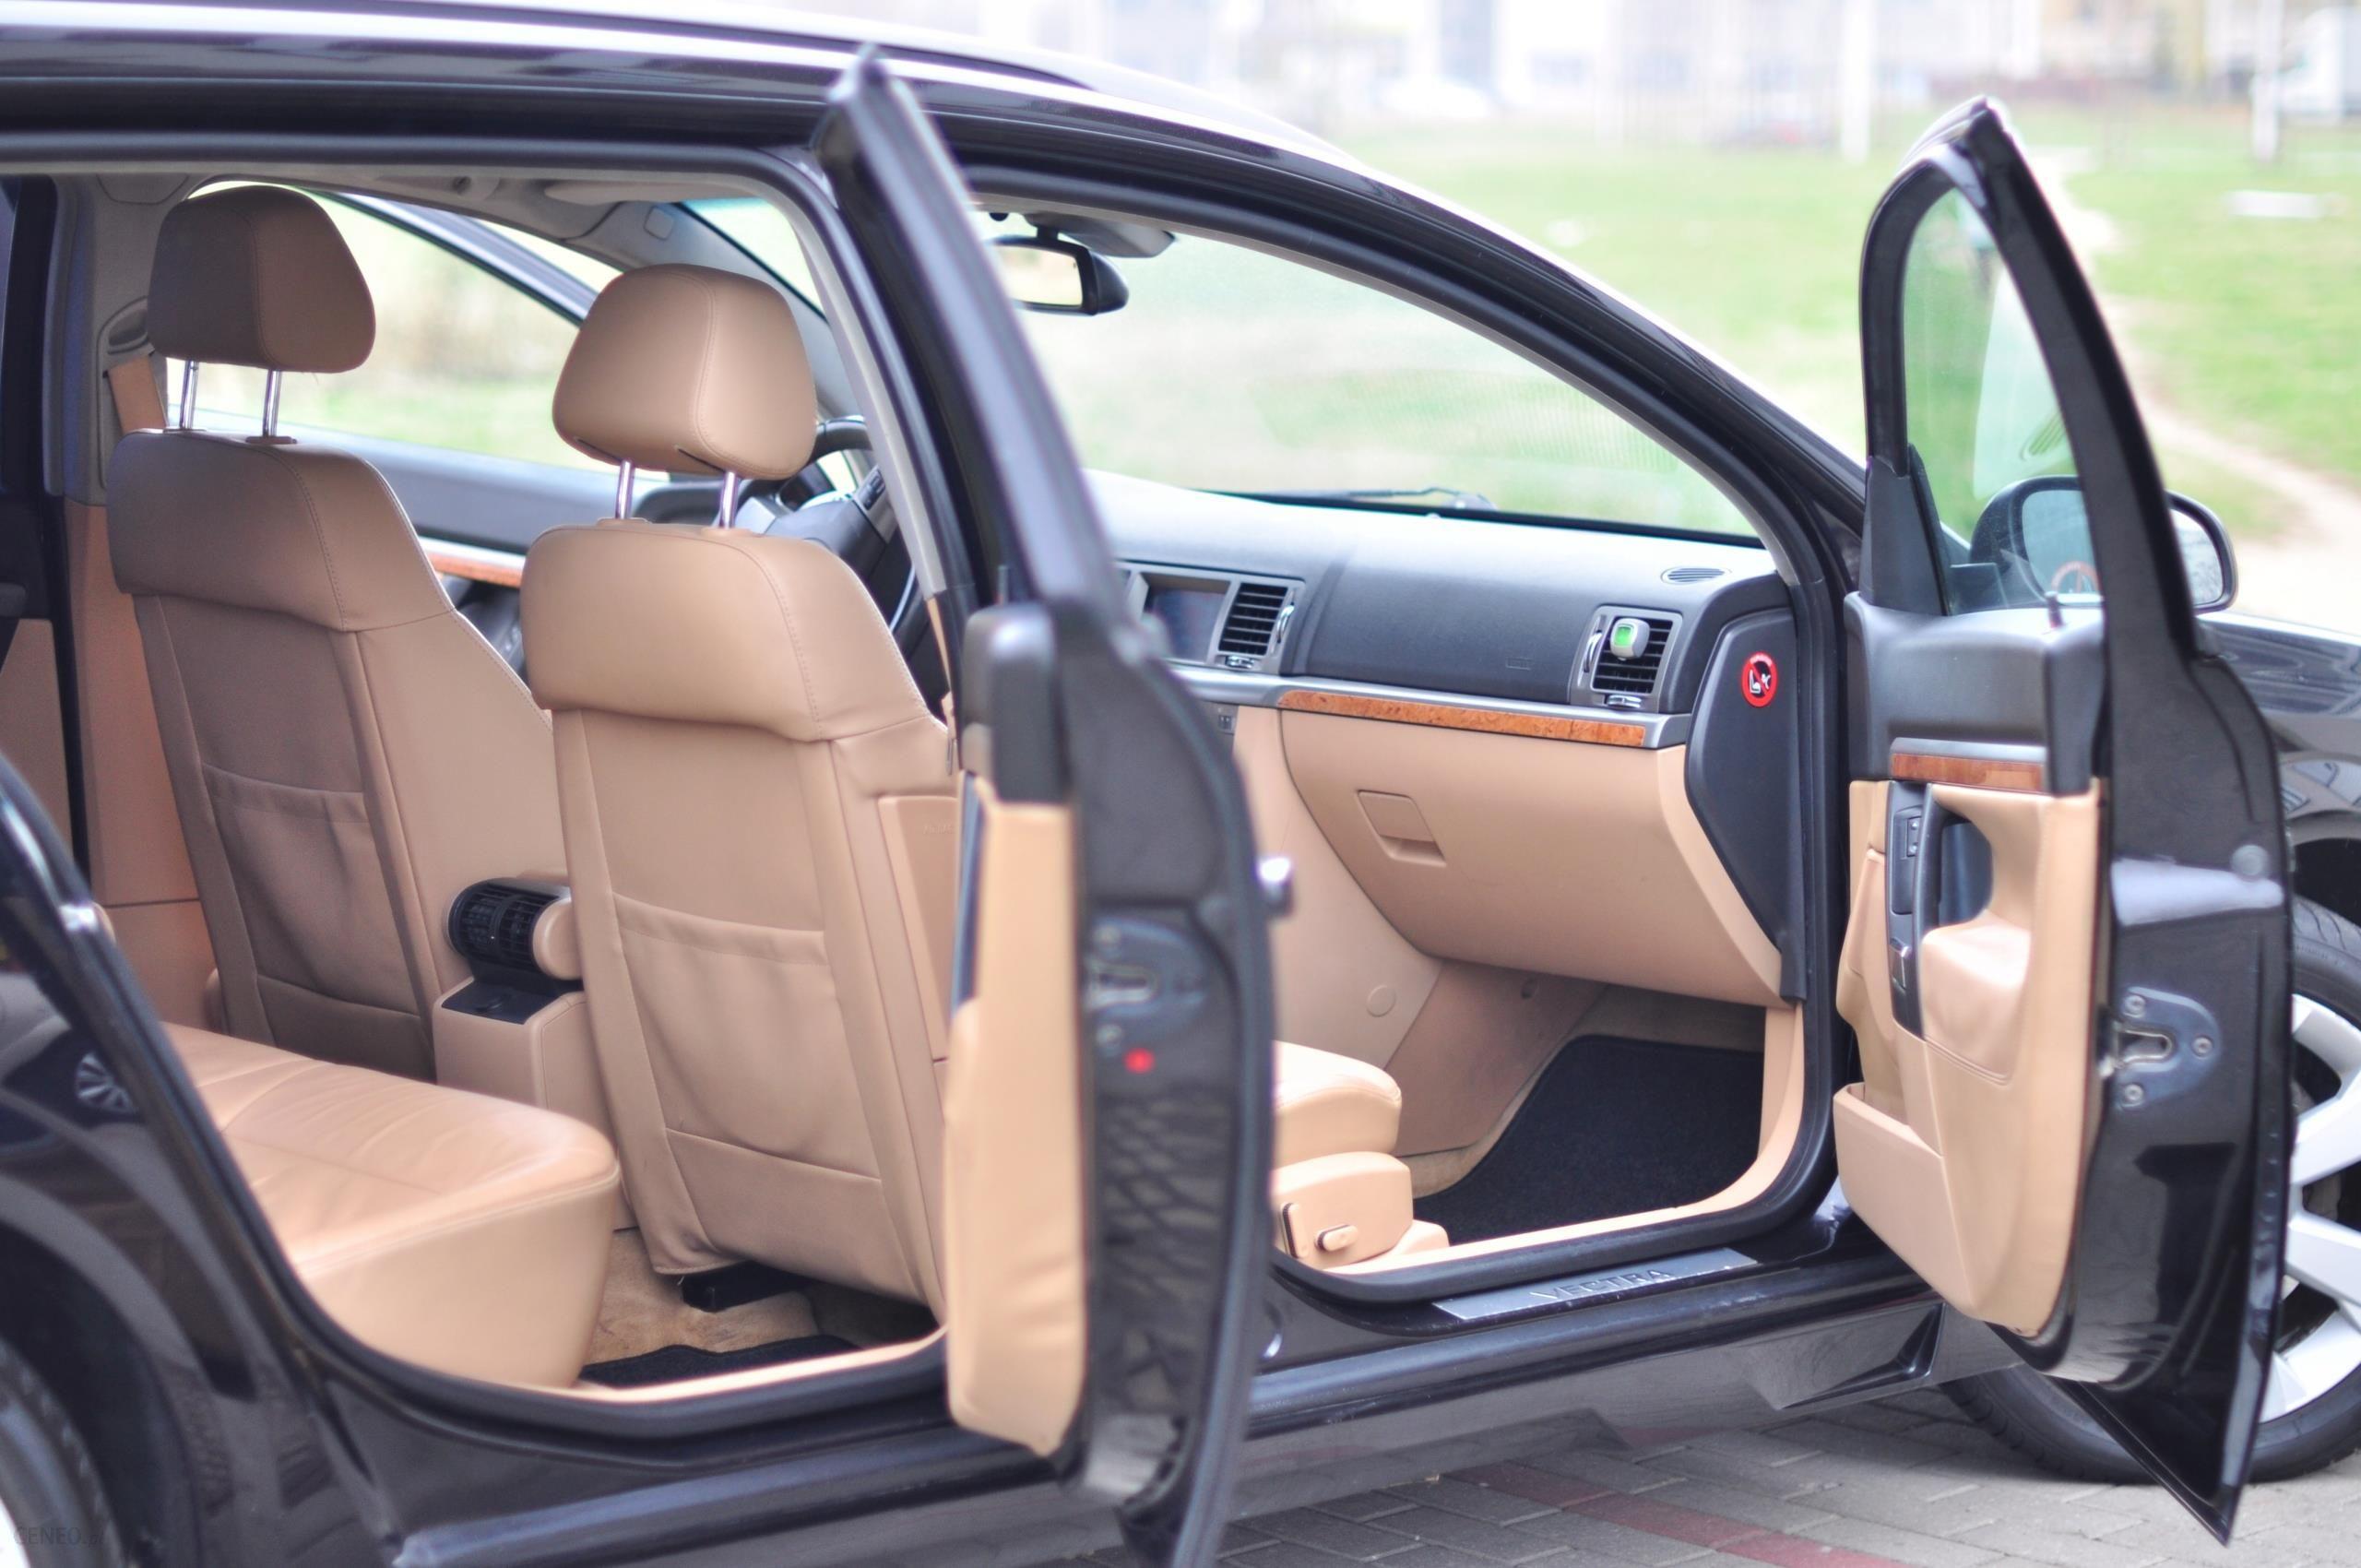 W superbly Opel Vectra C 1,9 CDTi 150KM Kombi Irmscher –Płock - Opinie i ceny RA63